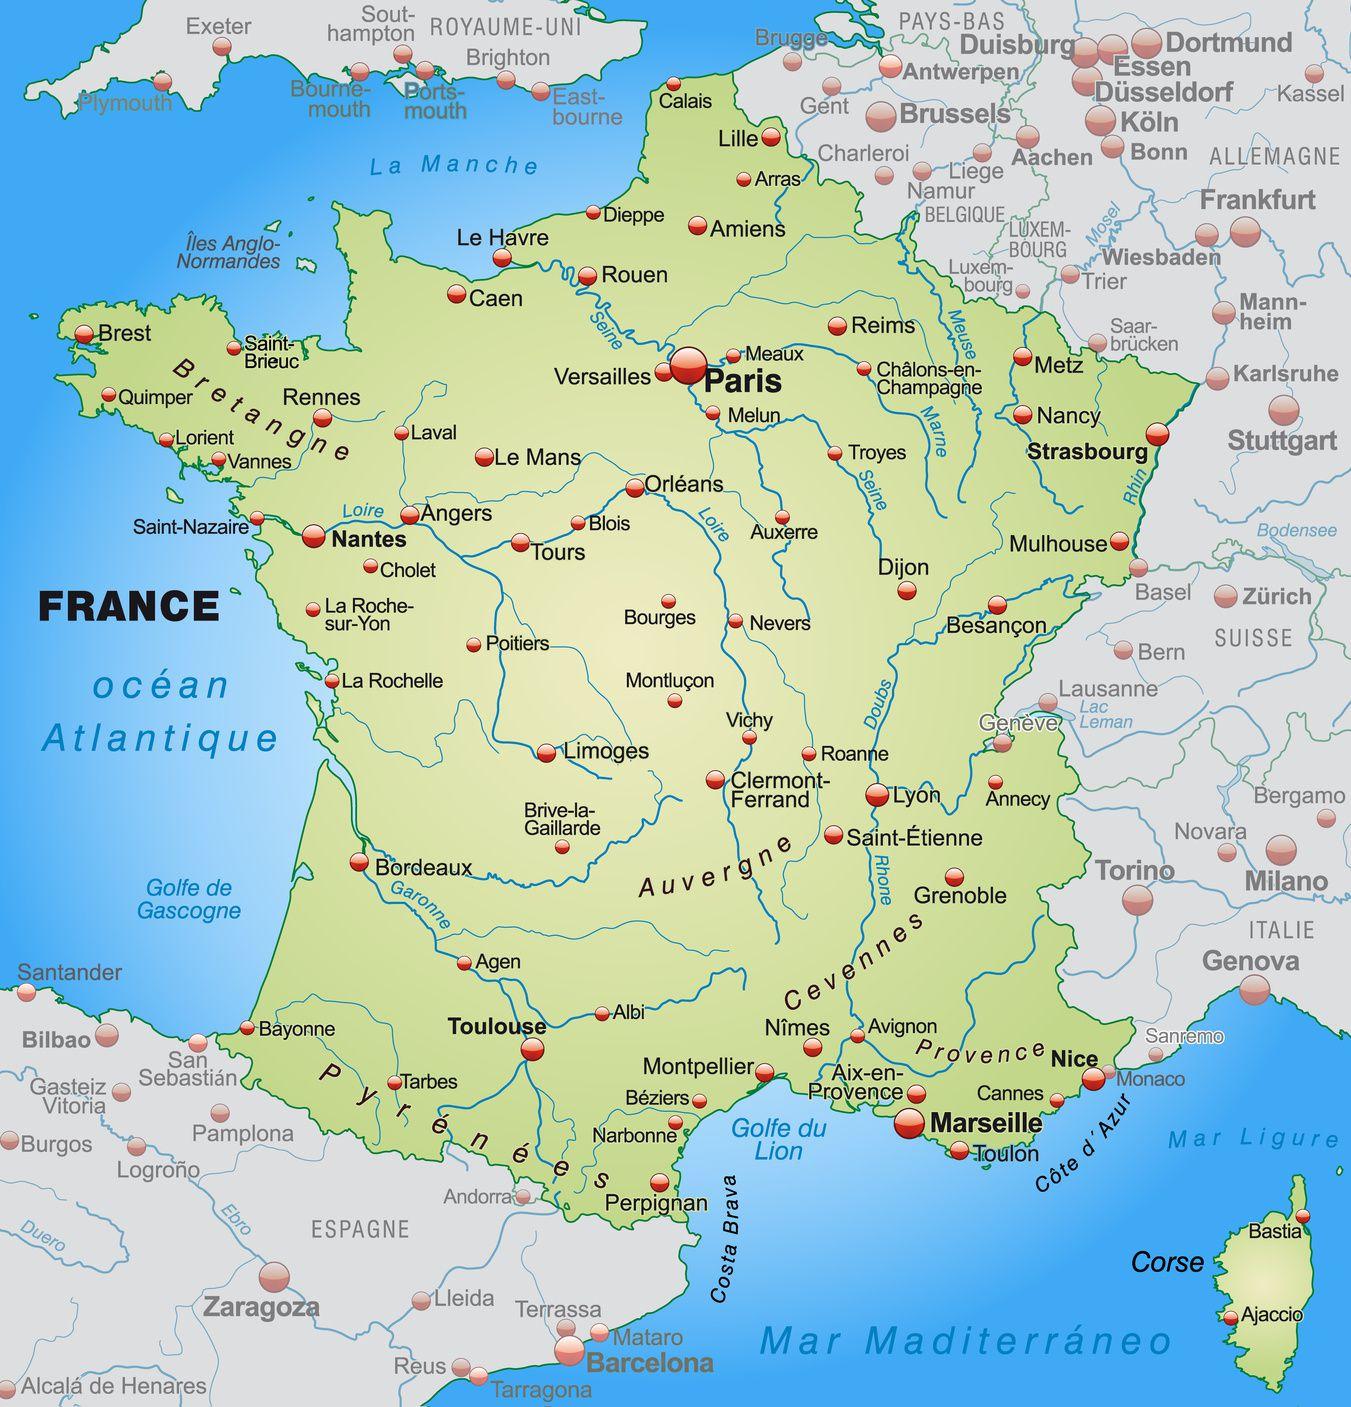 Carte Des Villes De France - Les Plus Grandes Villes Du Pays encequiconcerne Carte De La France Avec Toutes Les Villes